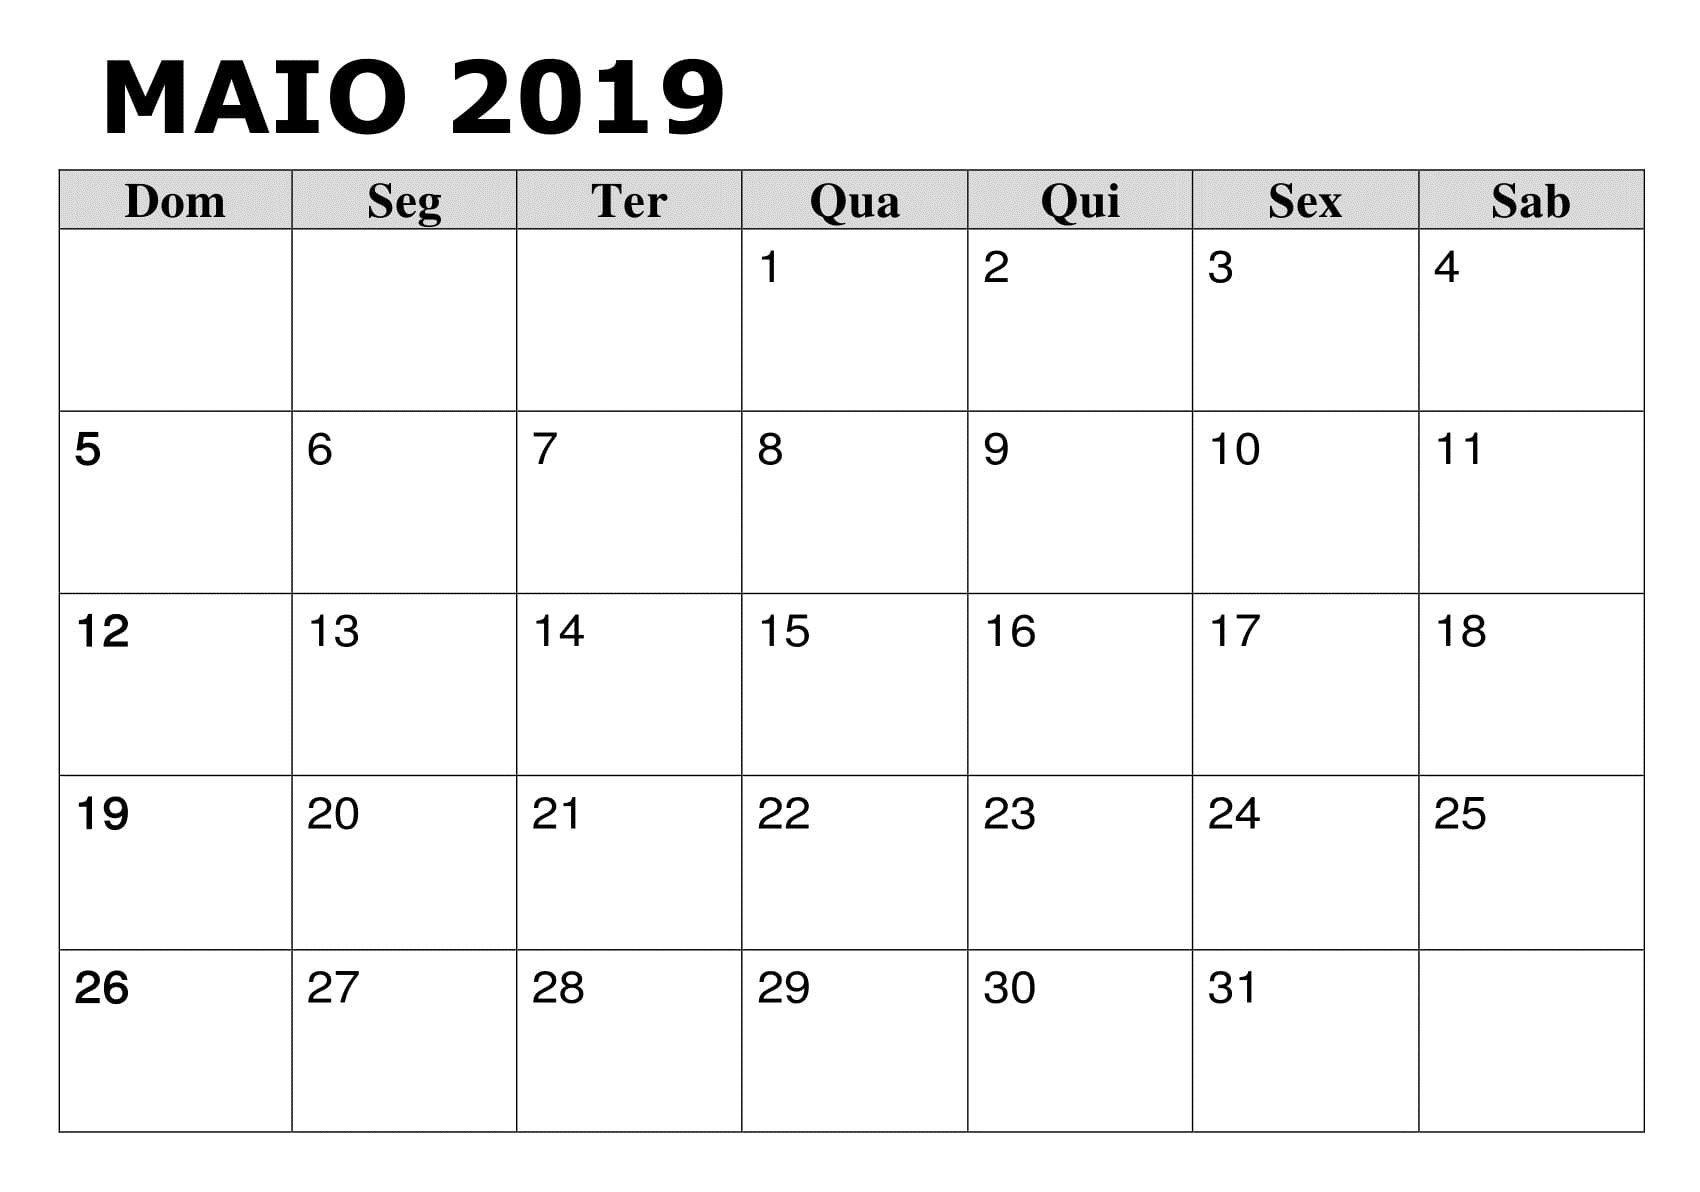 calendario de feriados 2019 para imprimir mas caliente 2019 calendario maio pdf escola of calendario de feriados 2019 para imprimir